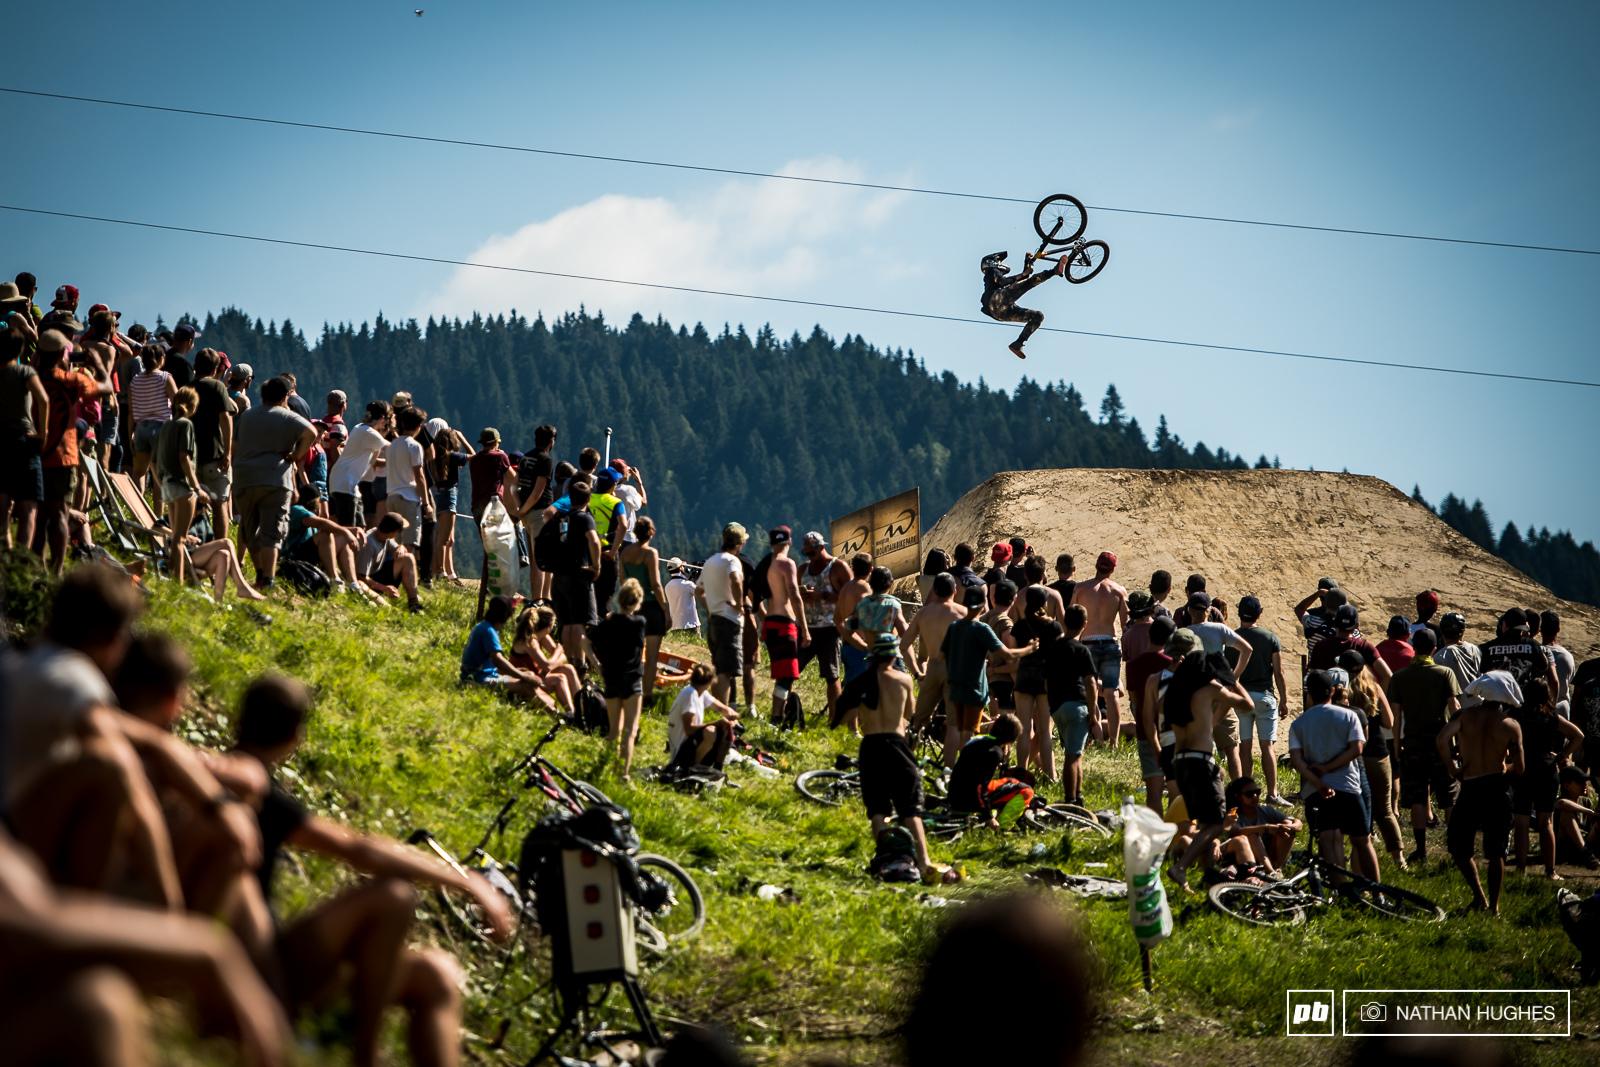 Tomas Lemoine mid flip-whip.